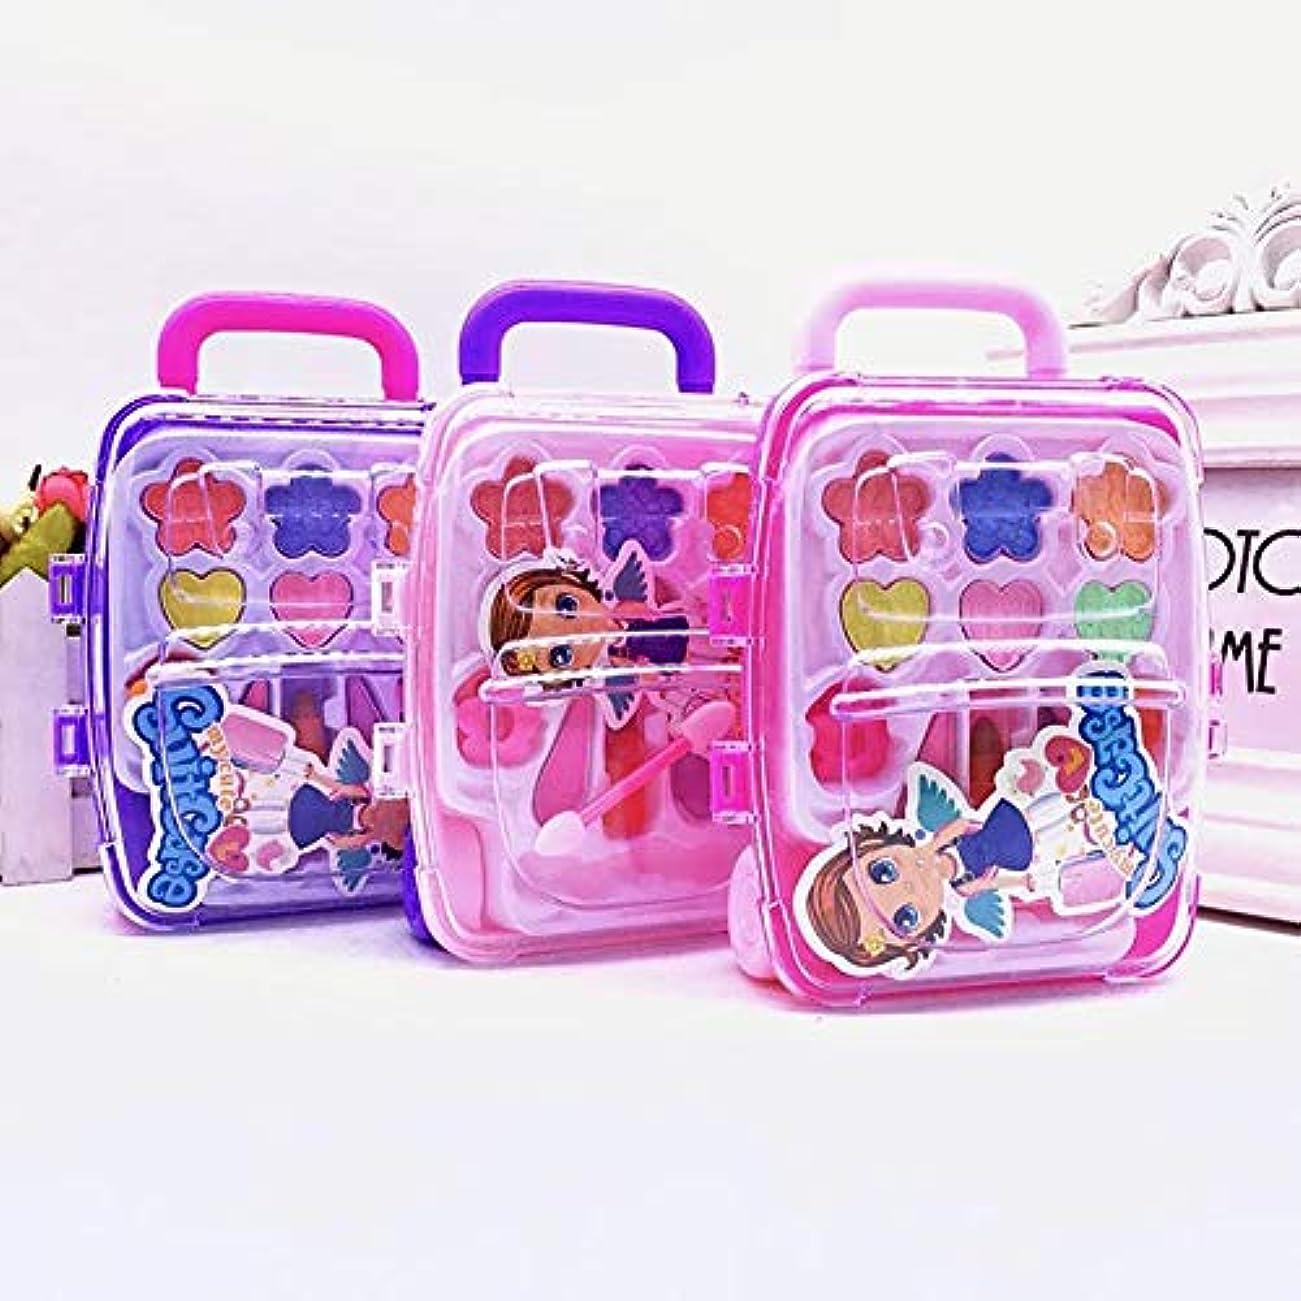 バッテリー以前はスリットかわいい王女ふりメイクセット化粧品シミュレーション子供女の子子供のおもちゃ - ランダムな色